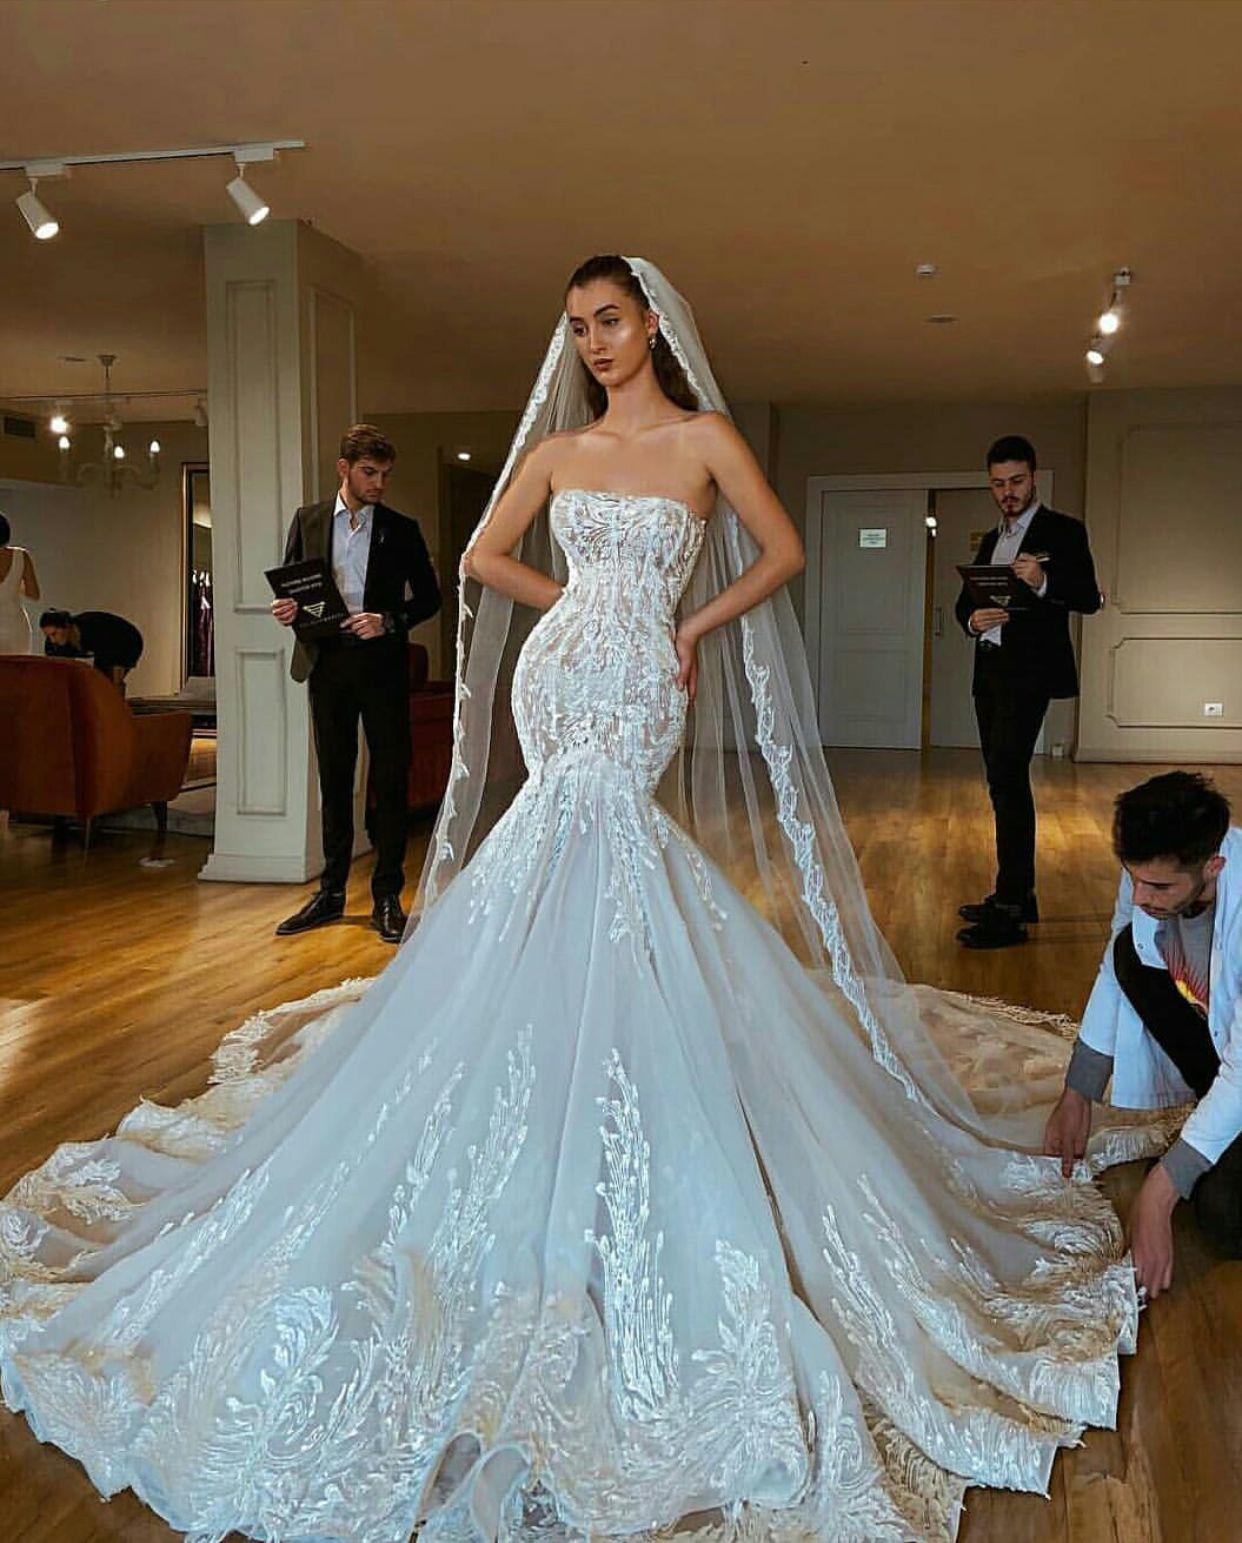 Pin By Miss Pink On Weddings Mermaid Wedding Dress Wedding Dresses Dream Wedding Dresses